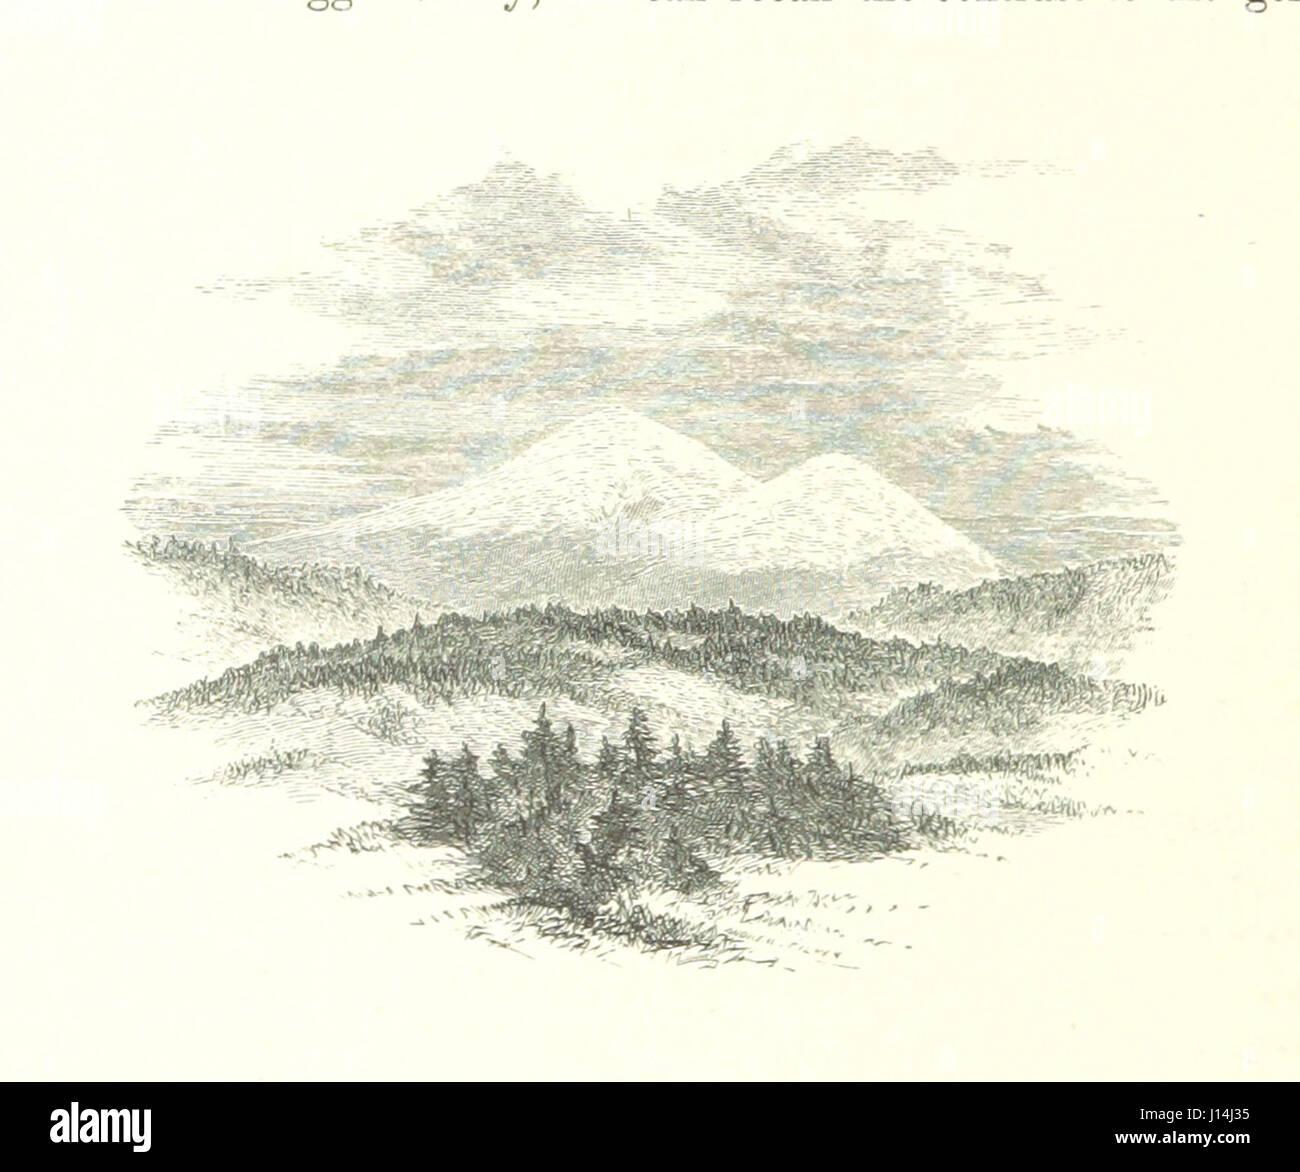 1e14169dac40 Las blancas colinas; sus leyendas, paisaje y poesía. Con 60 ilustraciones  grabadas por Andrés, desde dibujos de Wheelock. F.P